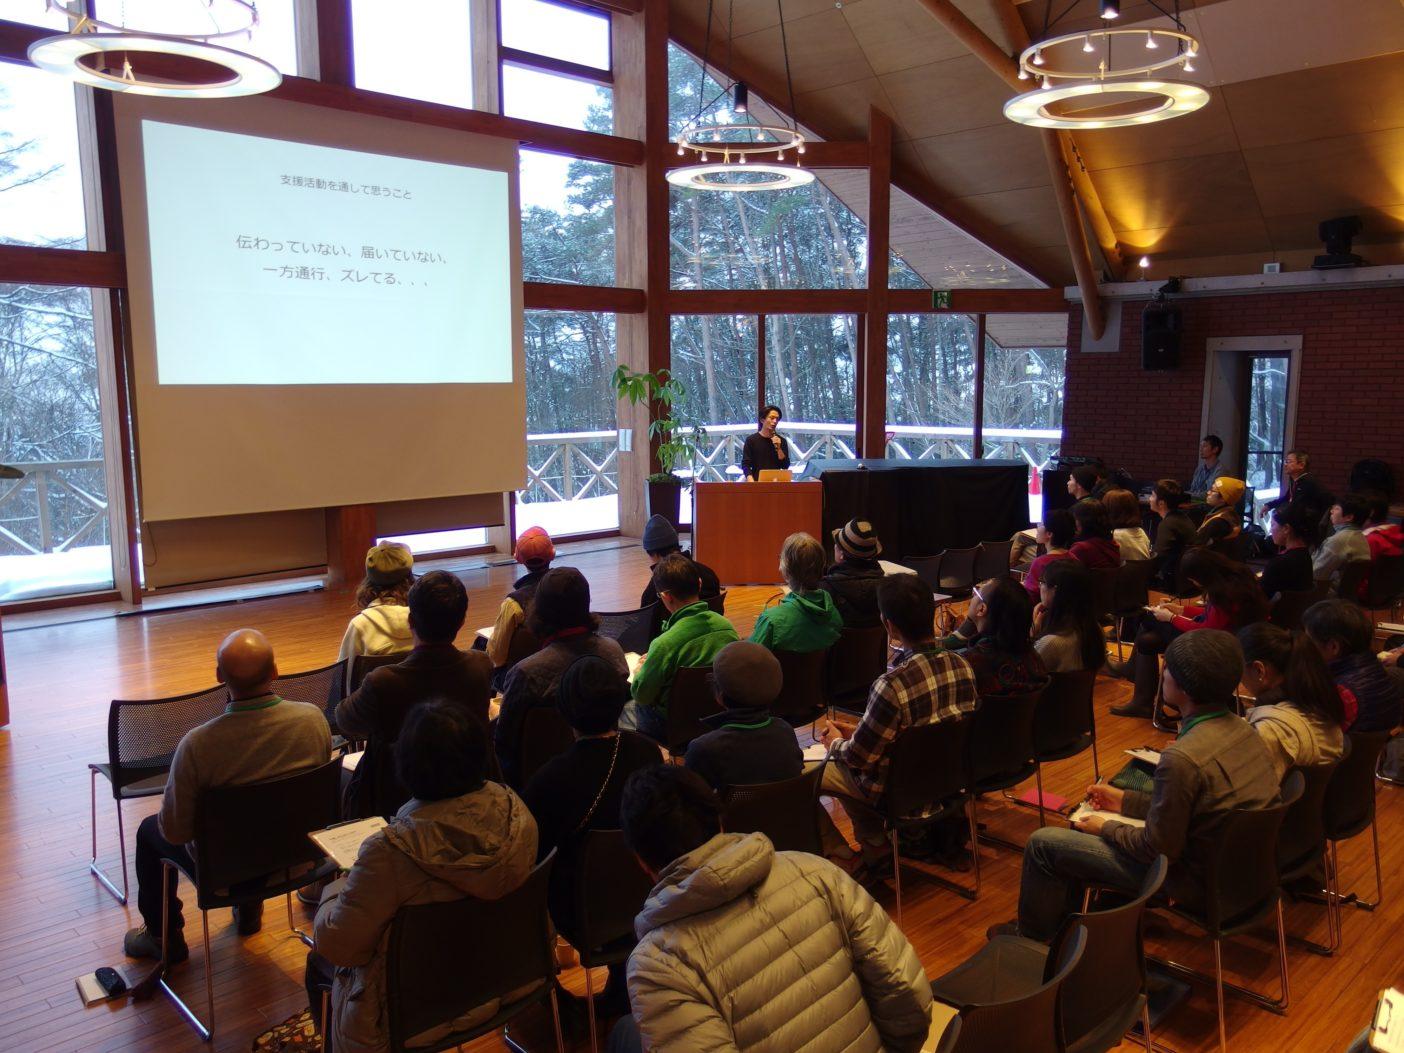 基調講演者の砥川直大氏 『その熱意、きちんと伝わっていますか?「伝える」から「伝わる」コミュニケーションへ』 写真:パタゴニア日本支社